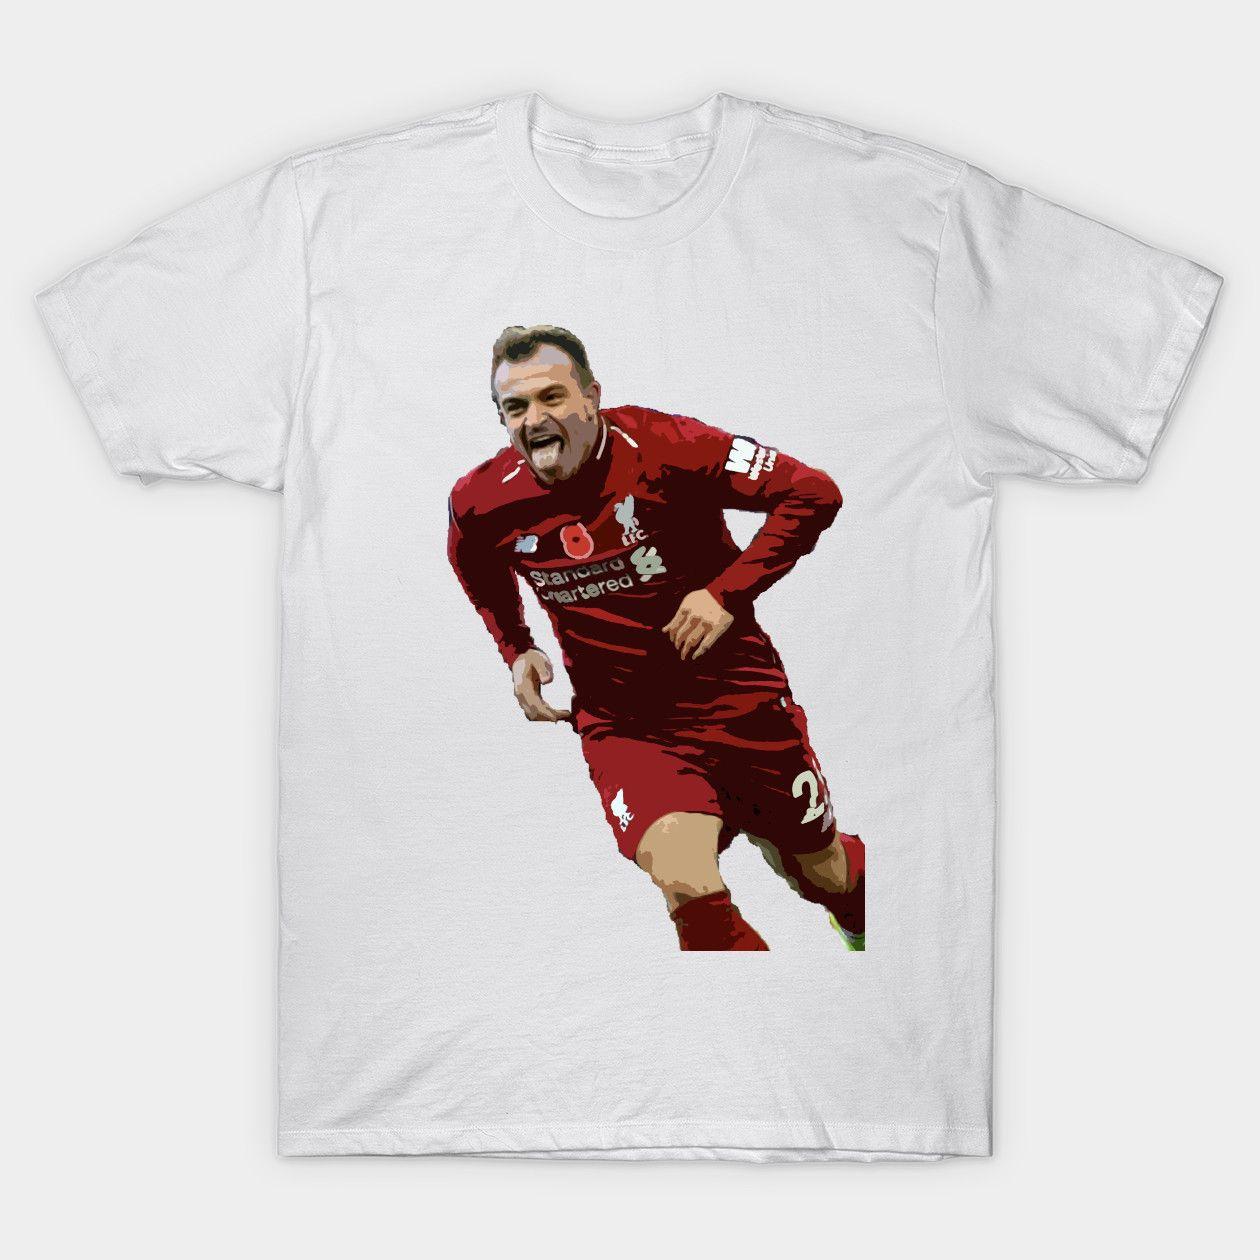 Xherdan Shaqiri Lfc Shaqiri Liverpool Classic T Shirt Classic T Shirts T Shirt Mens Tshirts